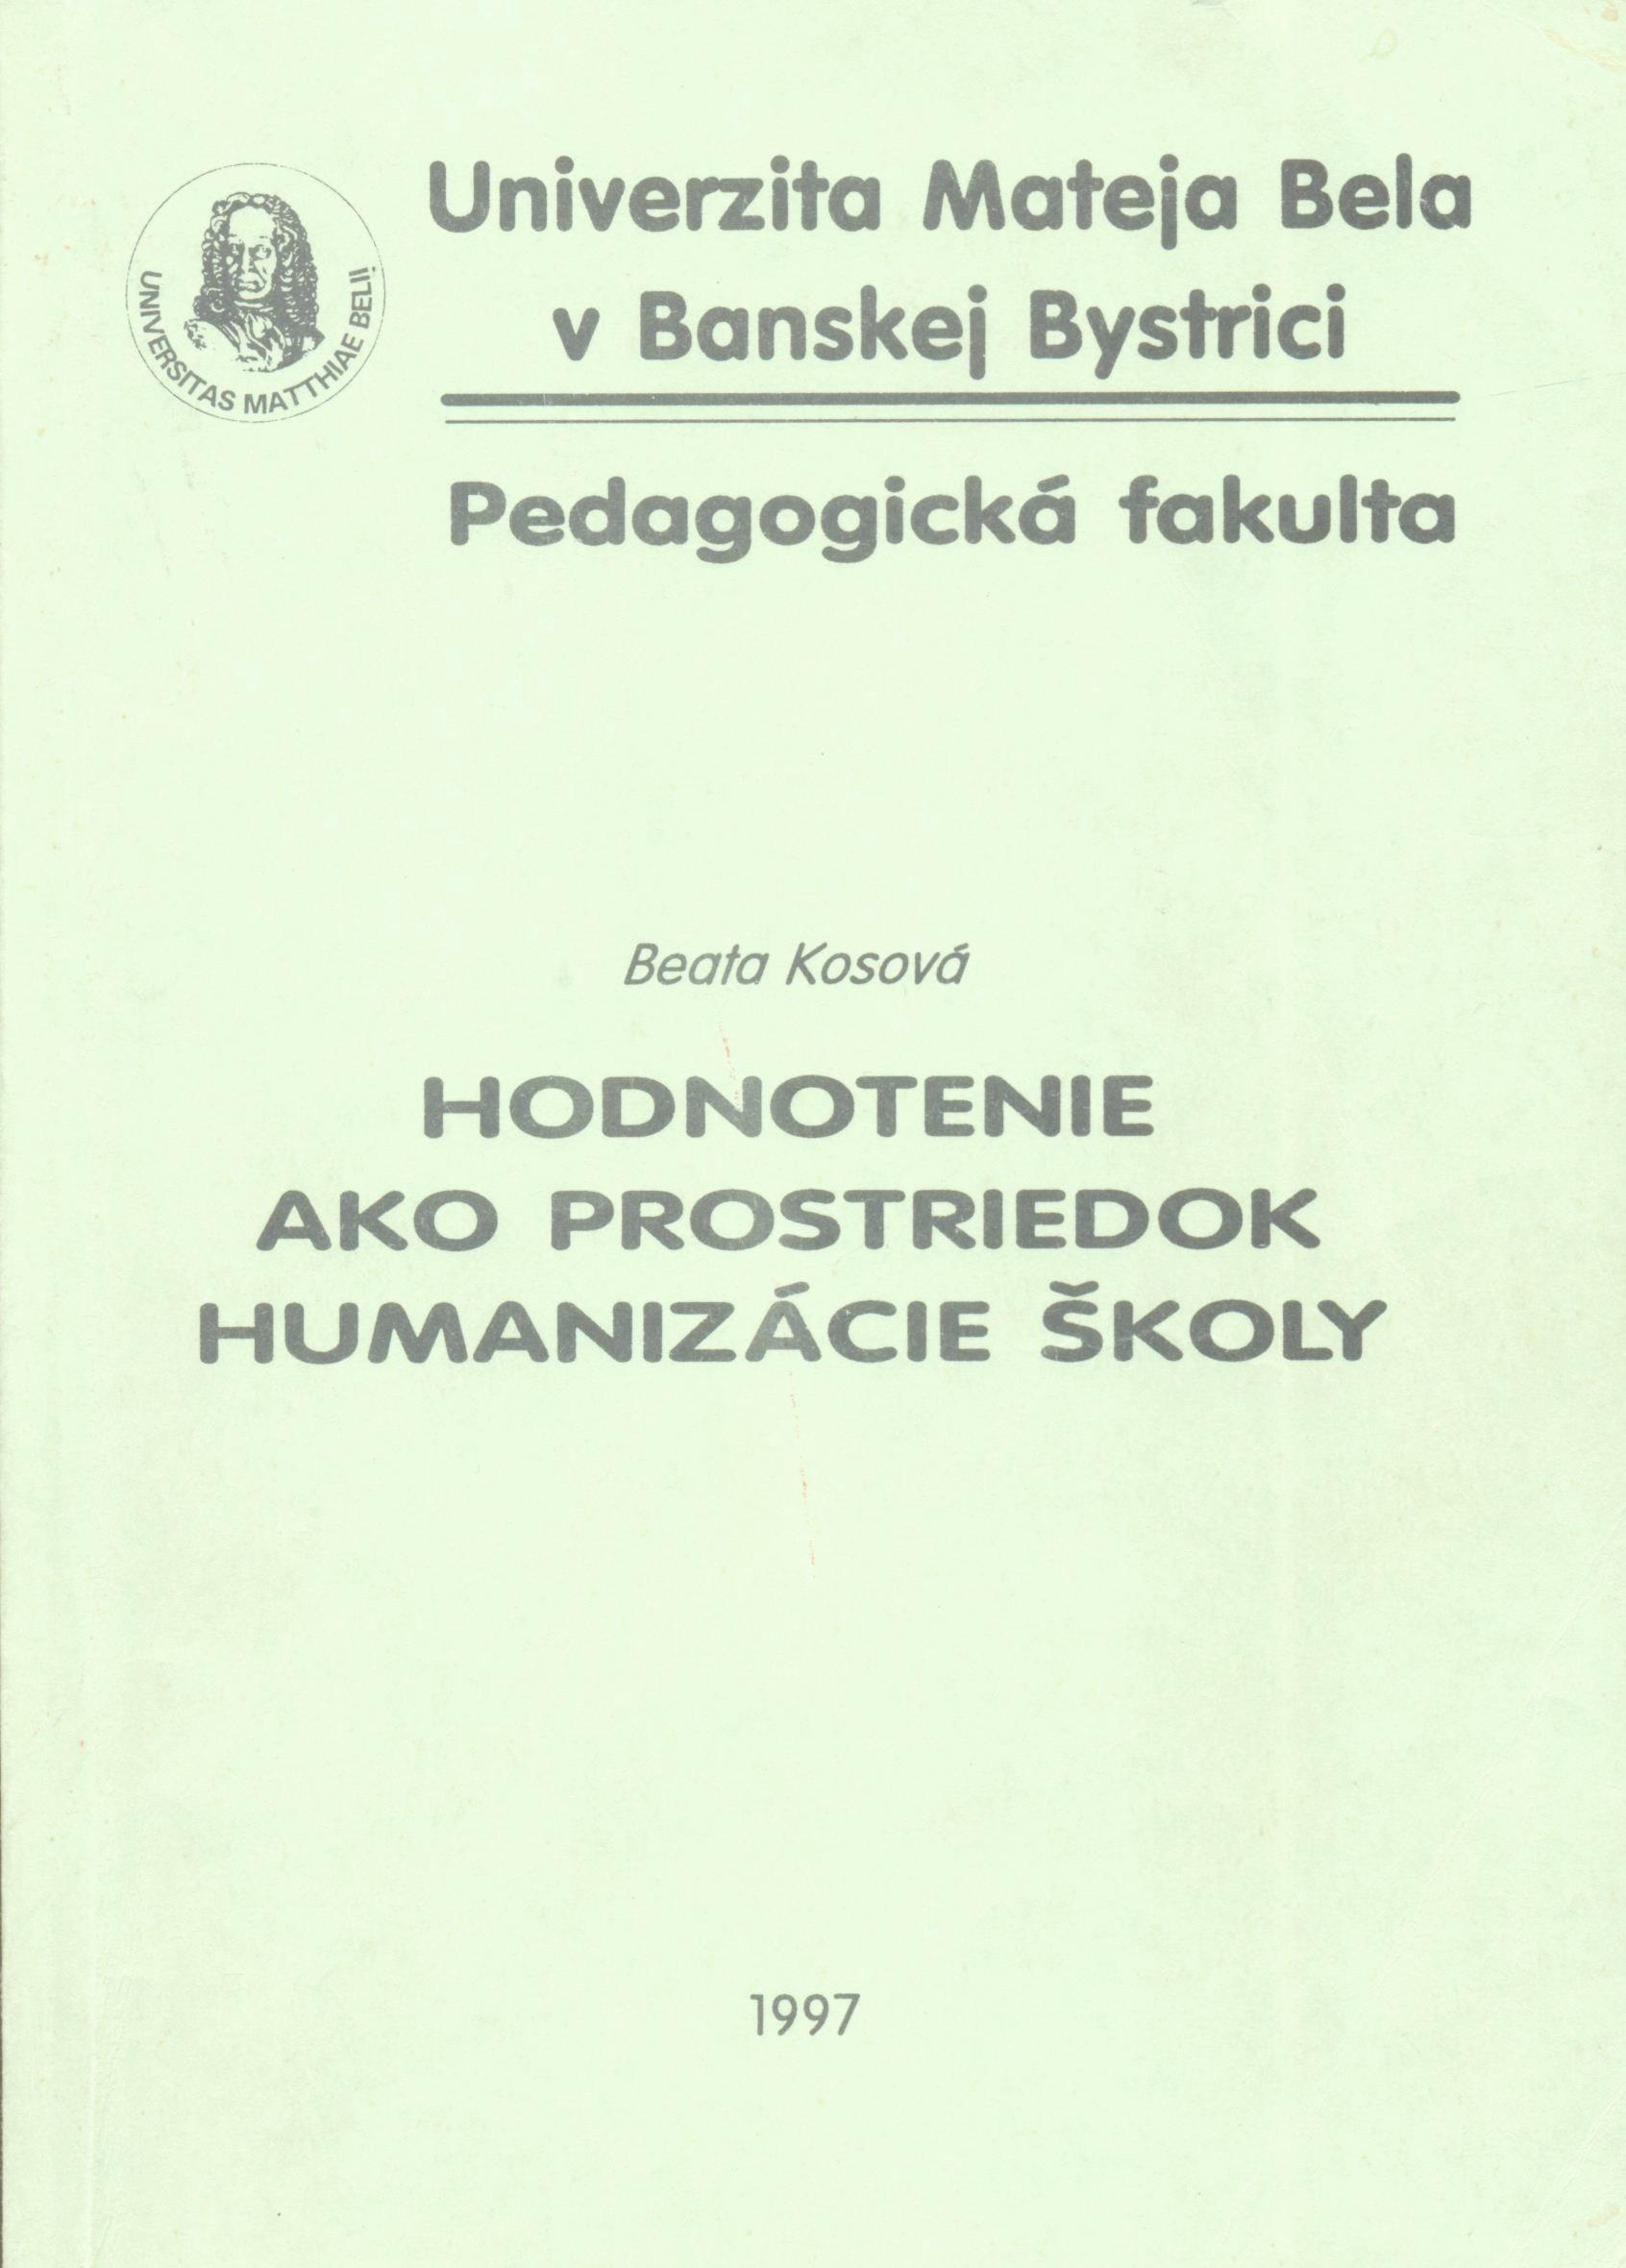 Hodnotenie ako prostriedok humanizácie školy